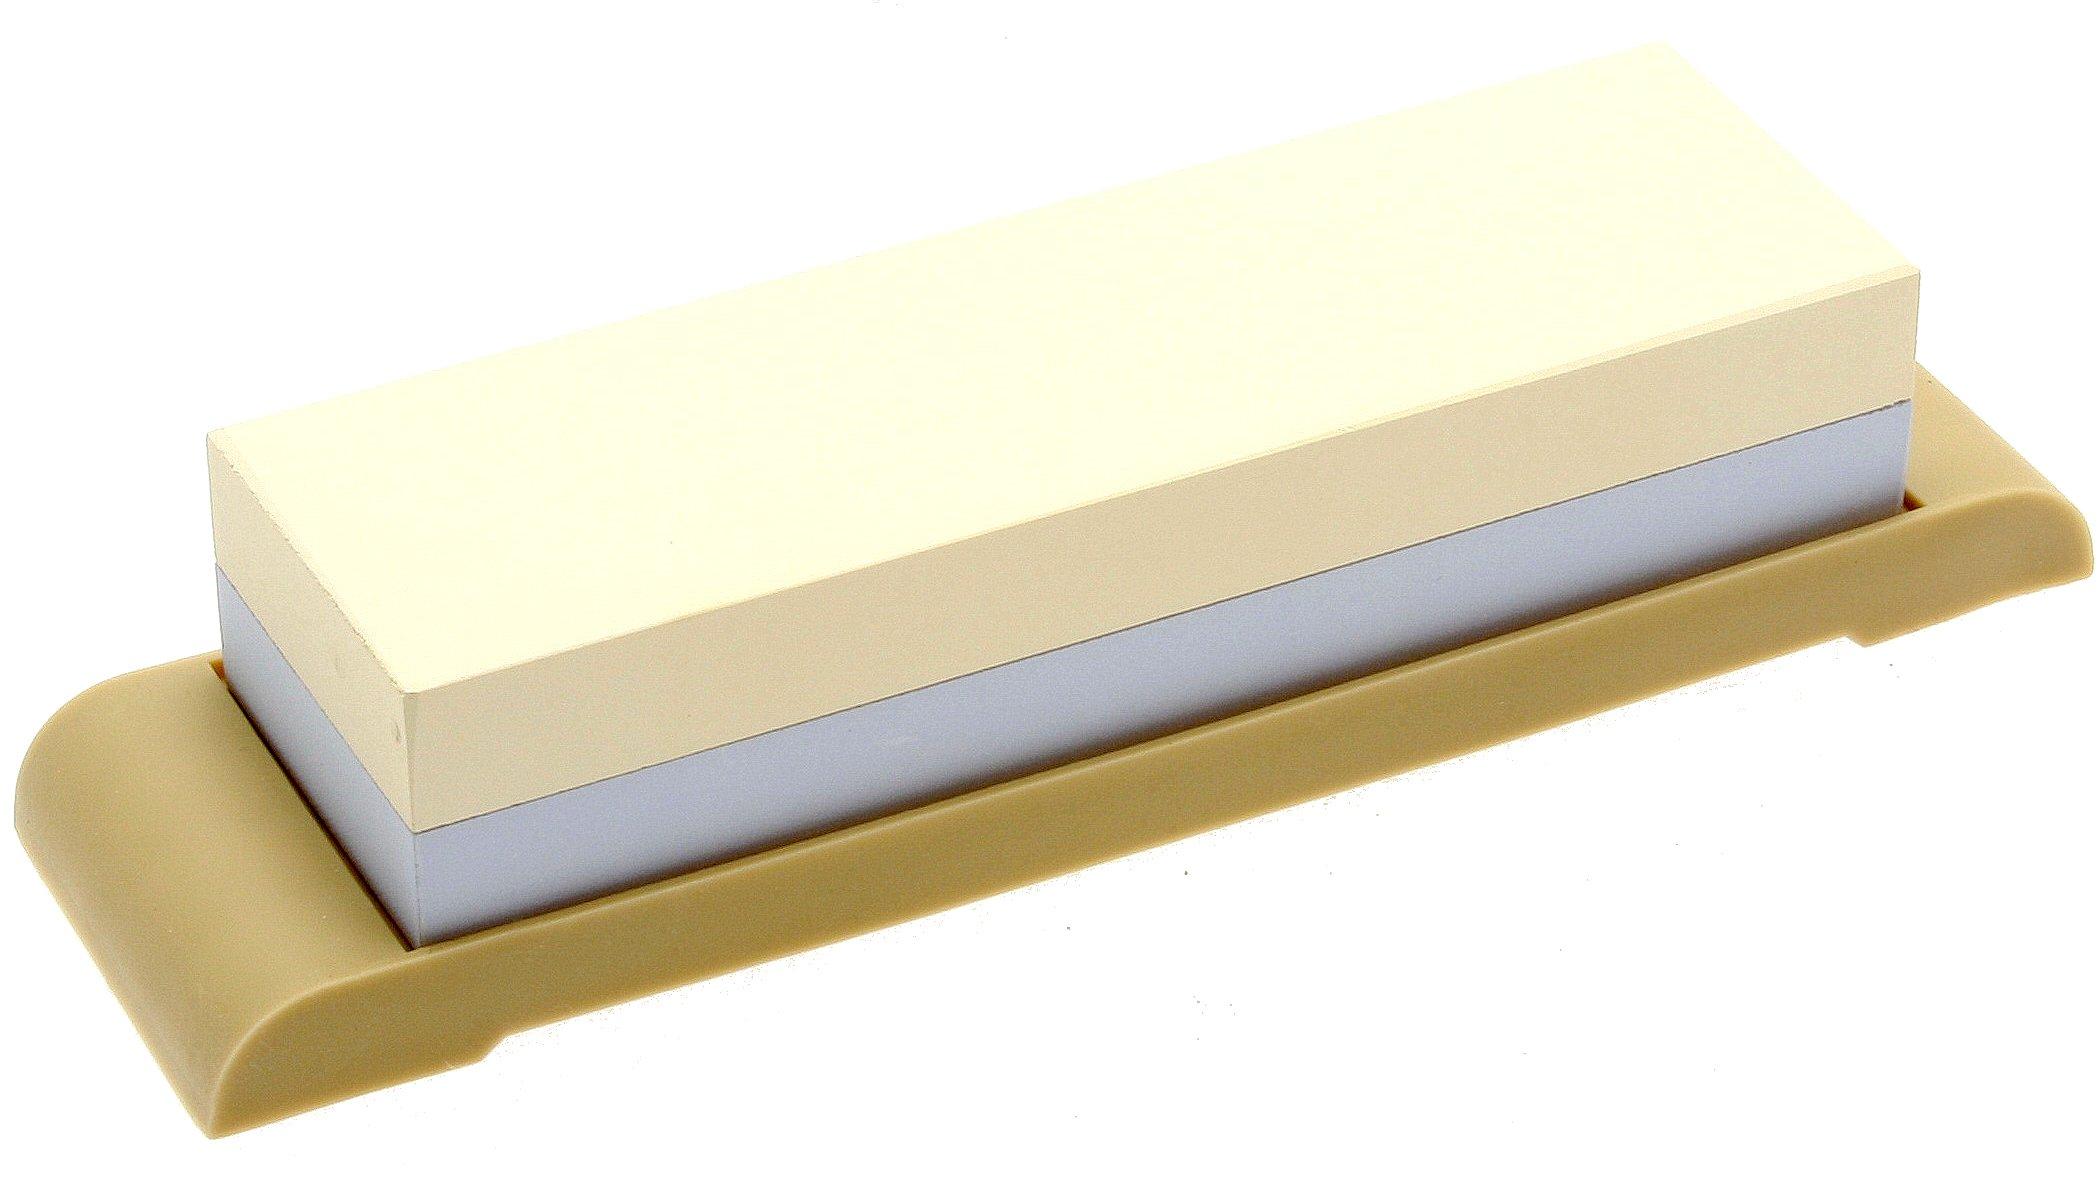 Water Sharpening Stones : Suehiro japanese whetstone sharpening water stone knife